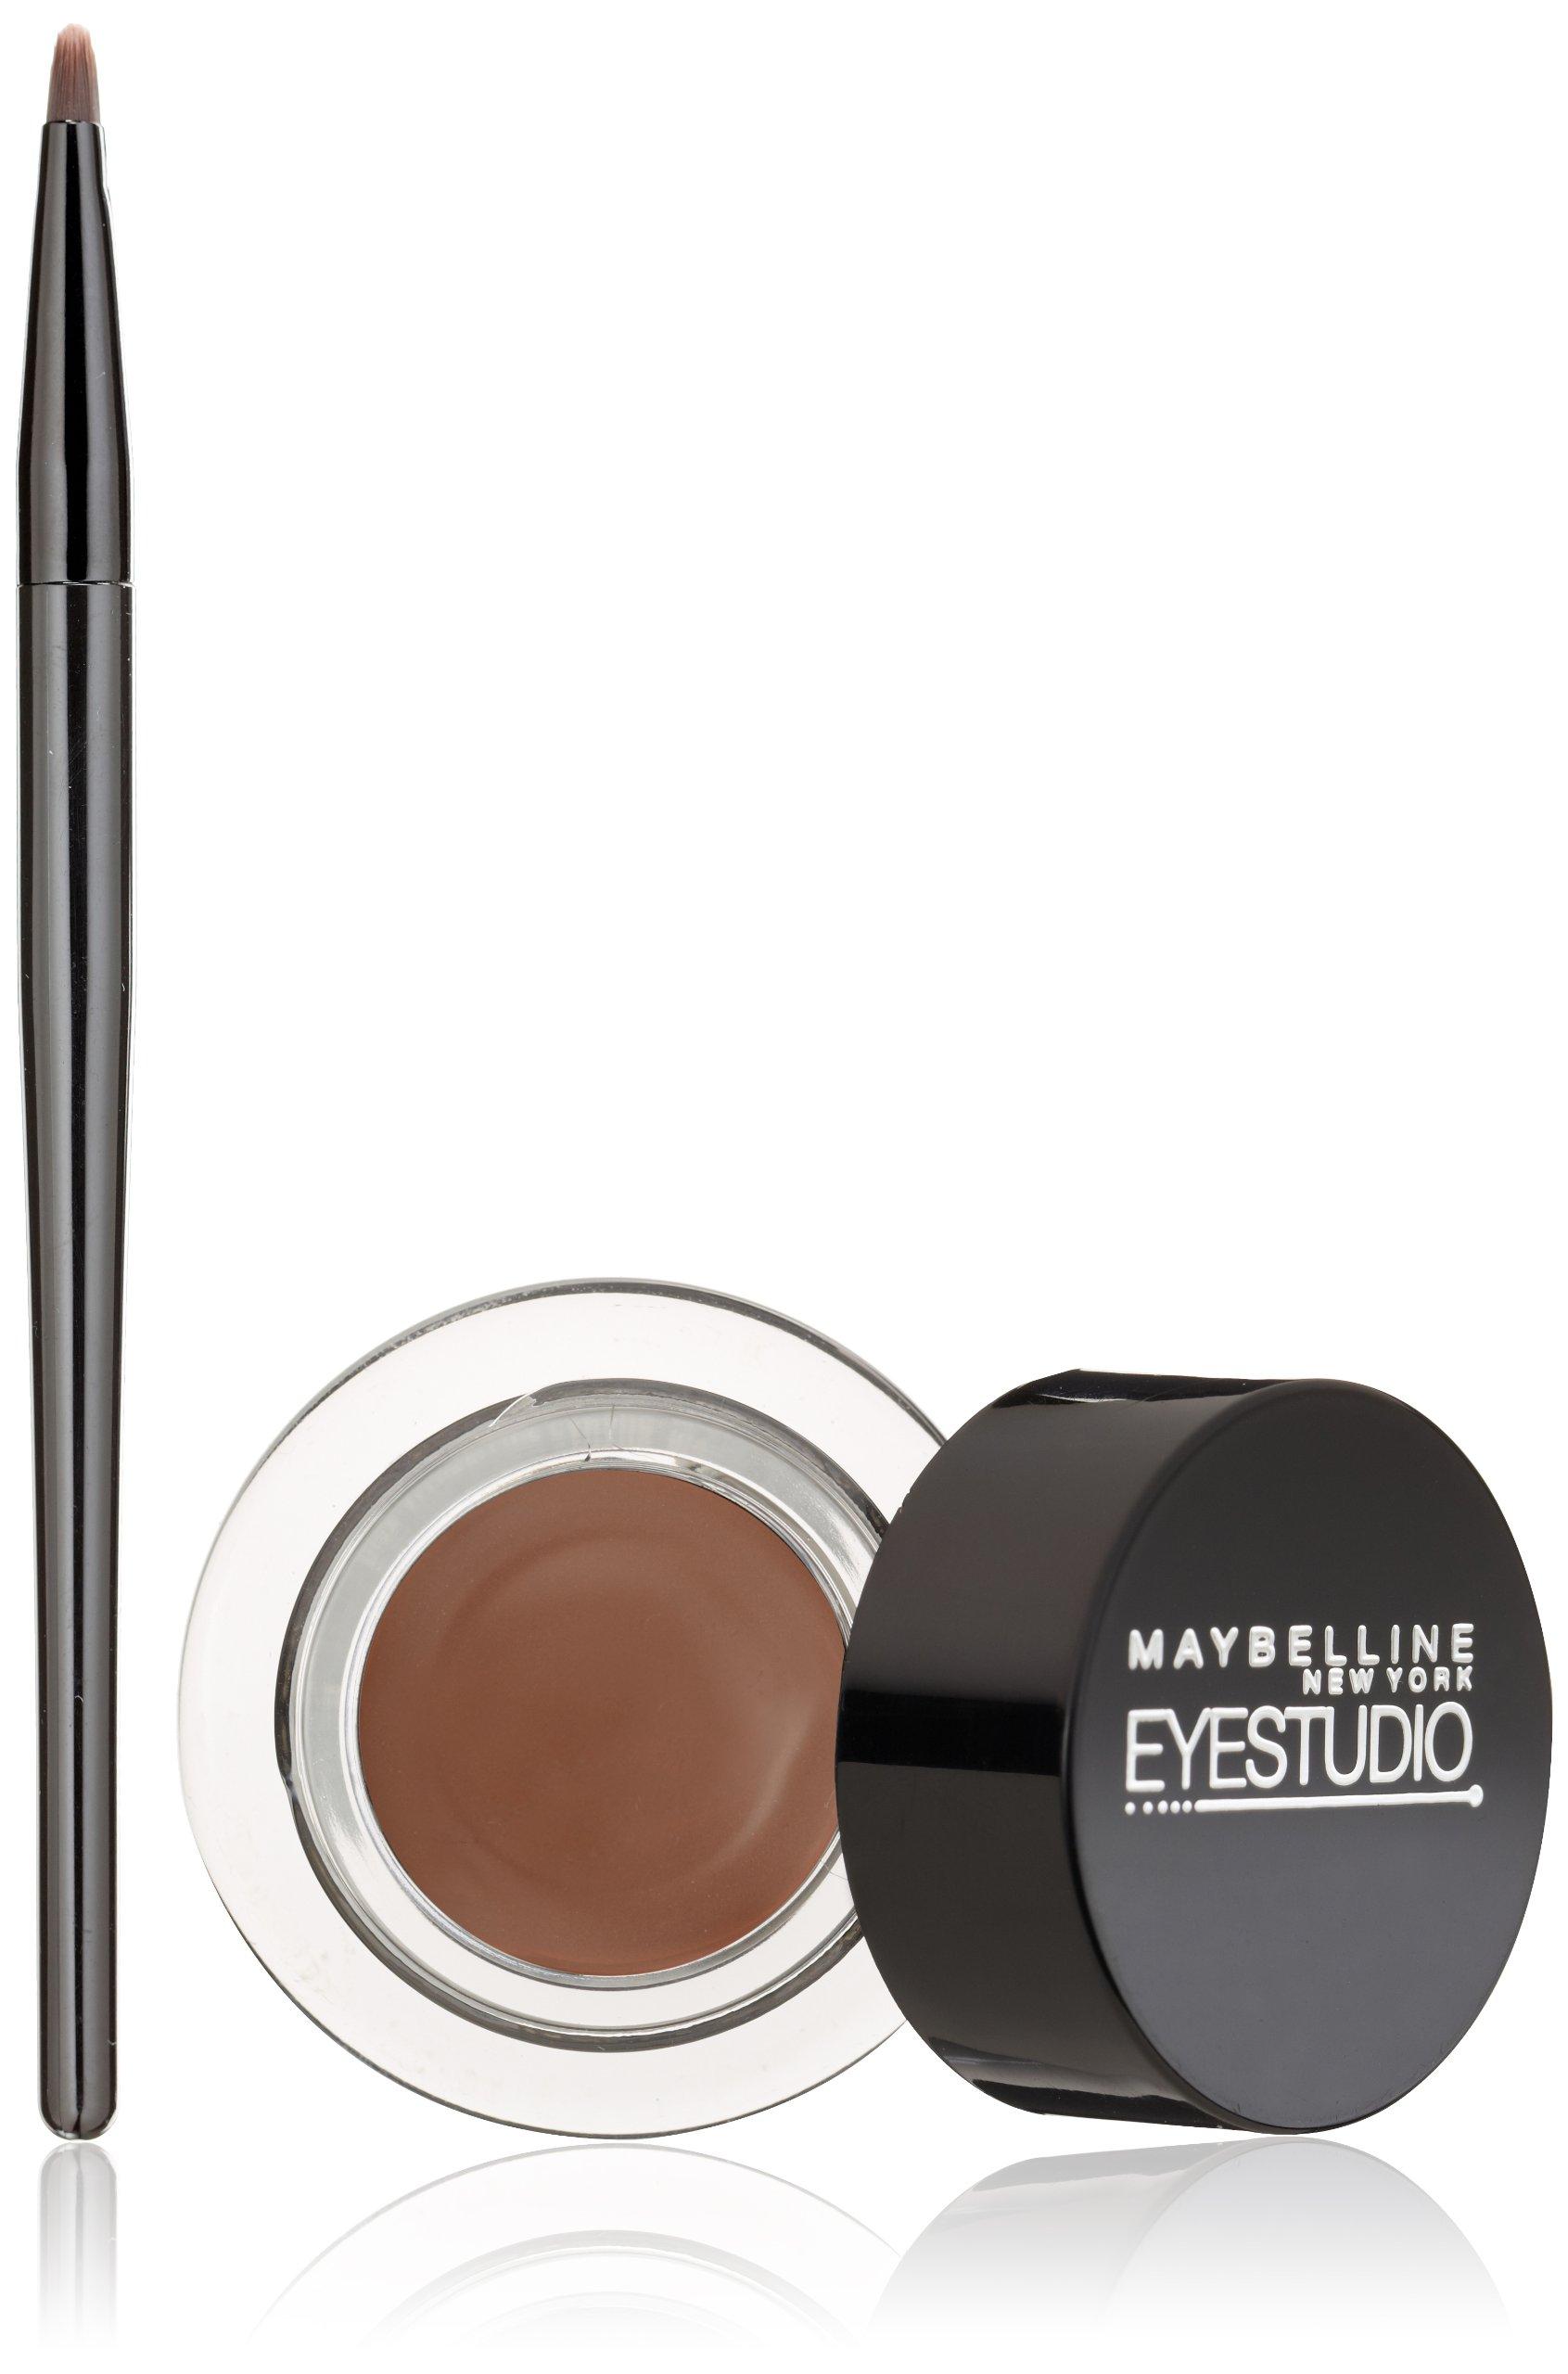 Maybelline New York Eye Studio Lasting Drama Gel Eyeliner, Waterproof, Brown 952, 0.106 oz